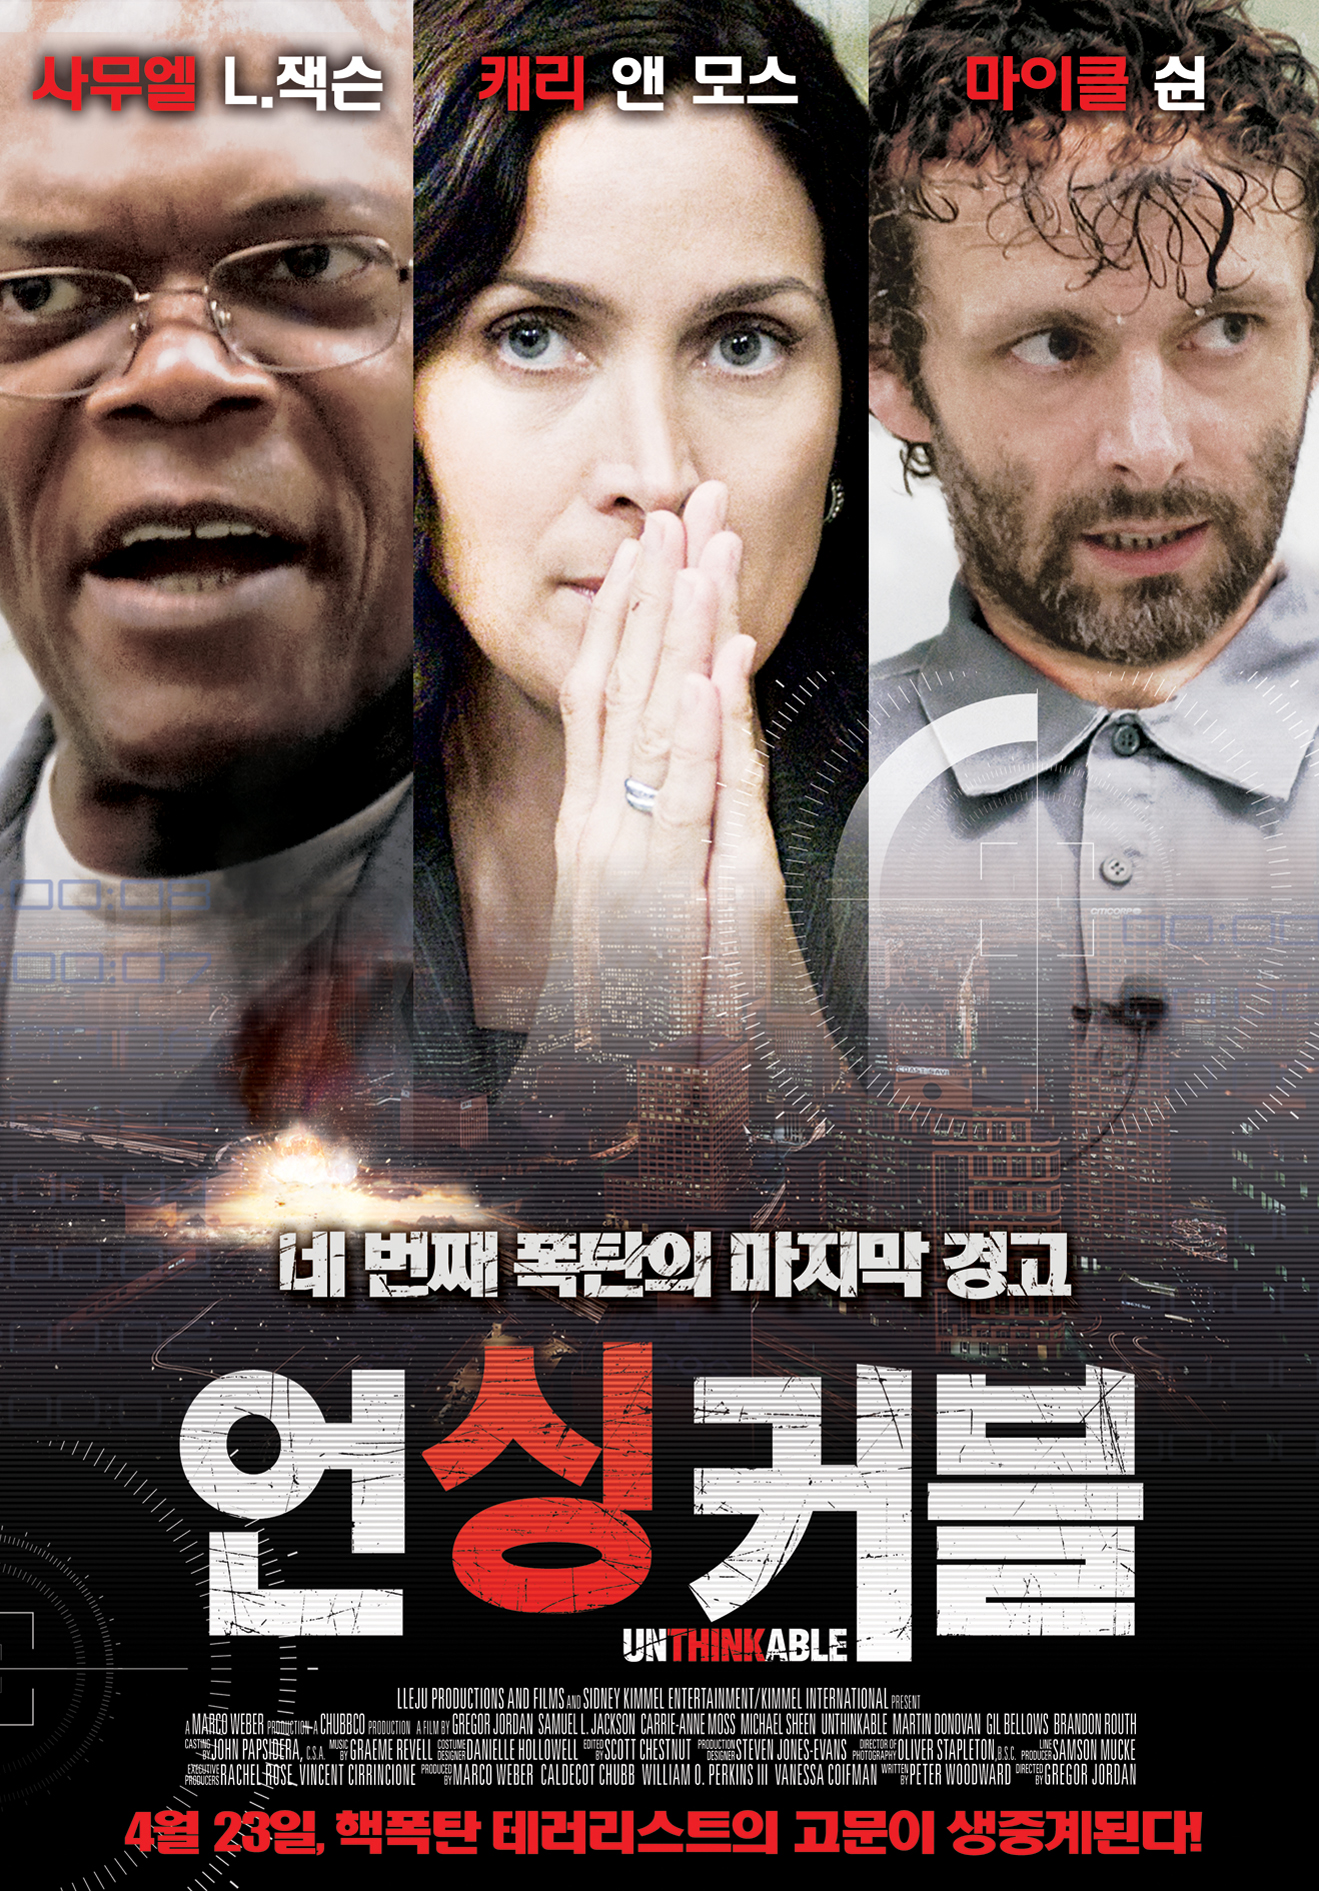 언싱커블 (Unthinkable, 2010)